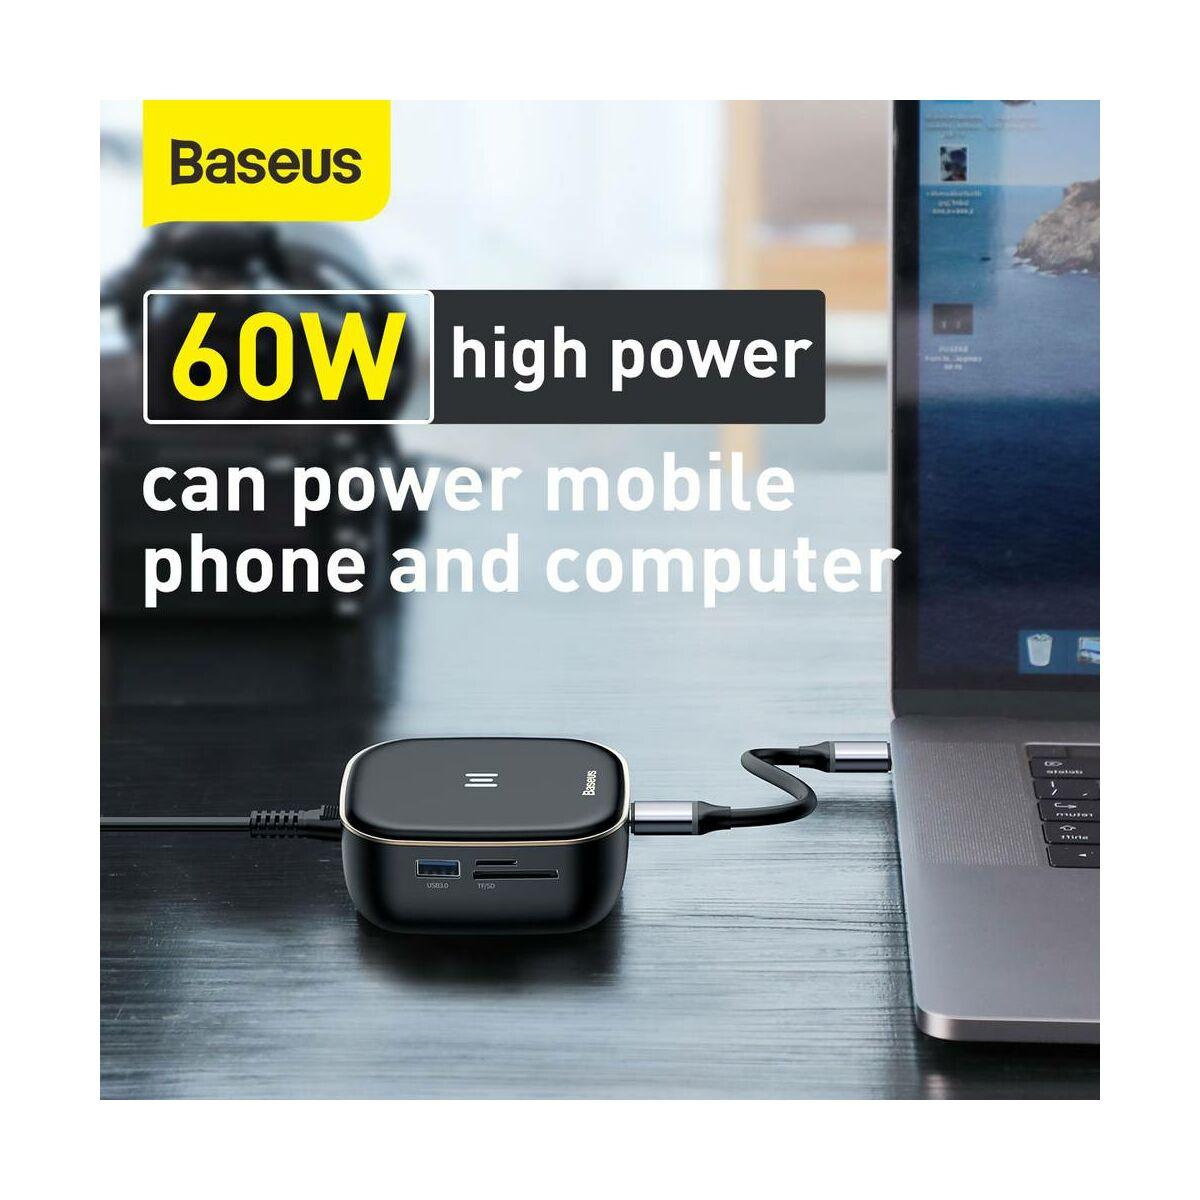 Baseus HUB, multifunkcionális, Type-C bemenetről, AC Adapter, USB3.0x2 + 4K HDMI + RJ45 + SD/TF + PD 60W töltő, fekete (CAHUB-AU01)